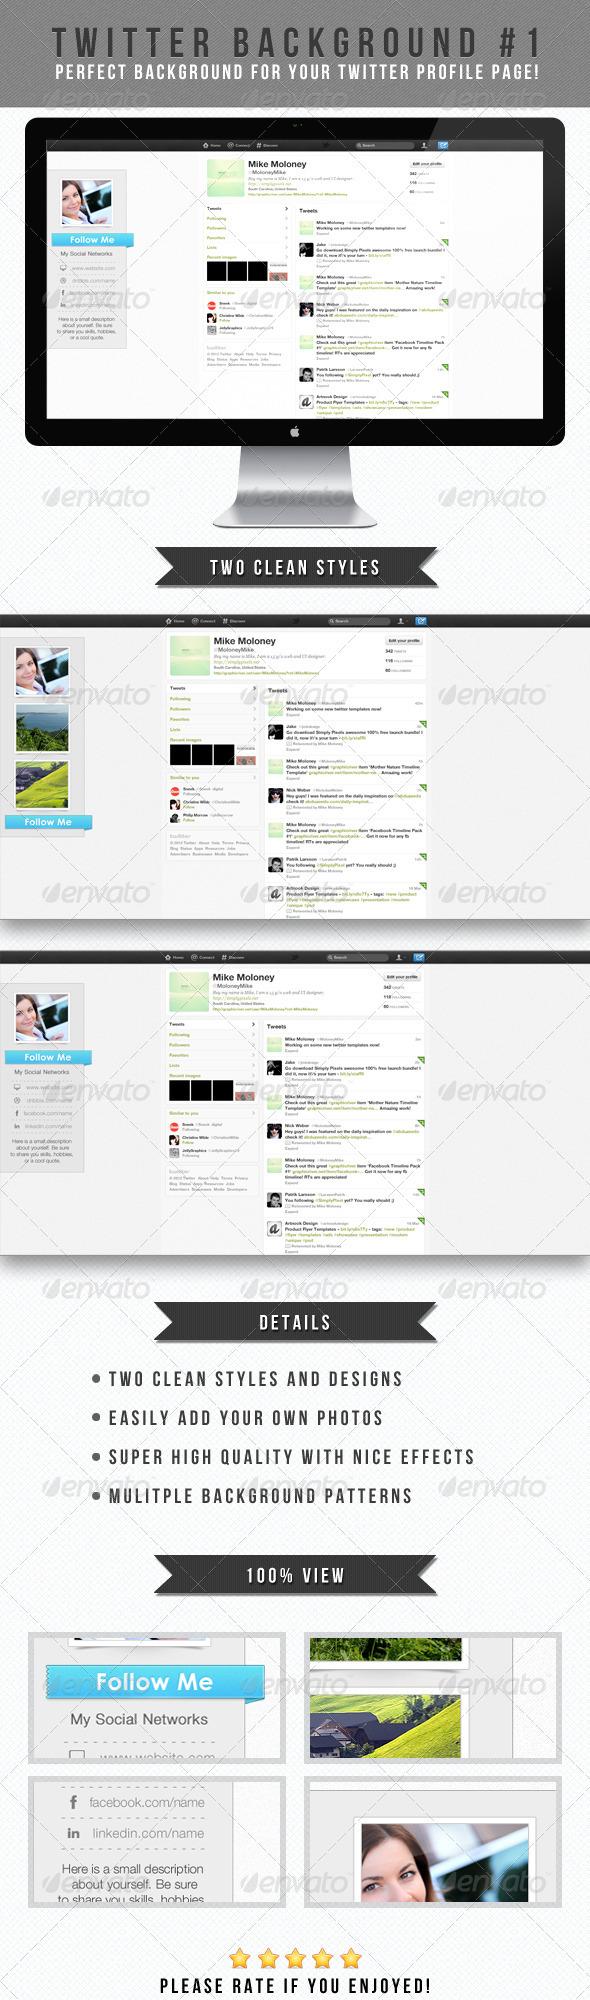 Twitter Background #1 - Twitter Social Media